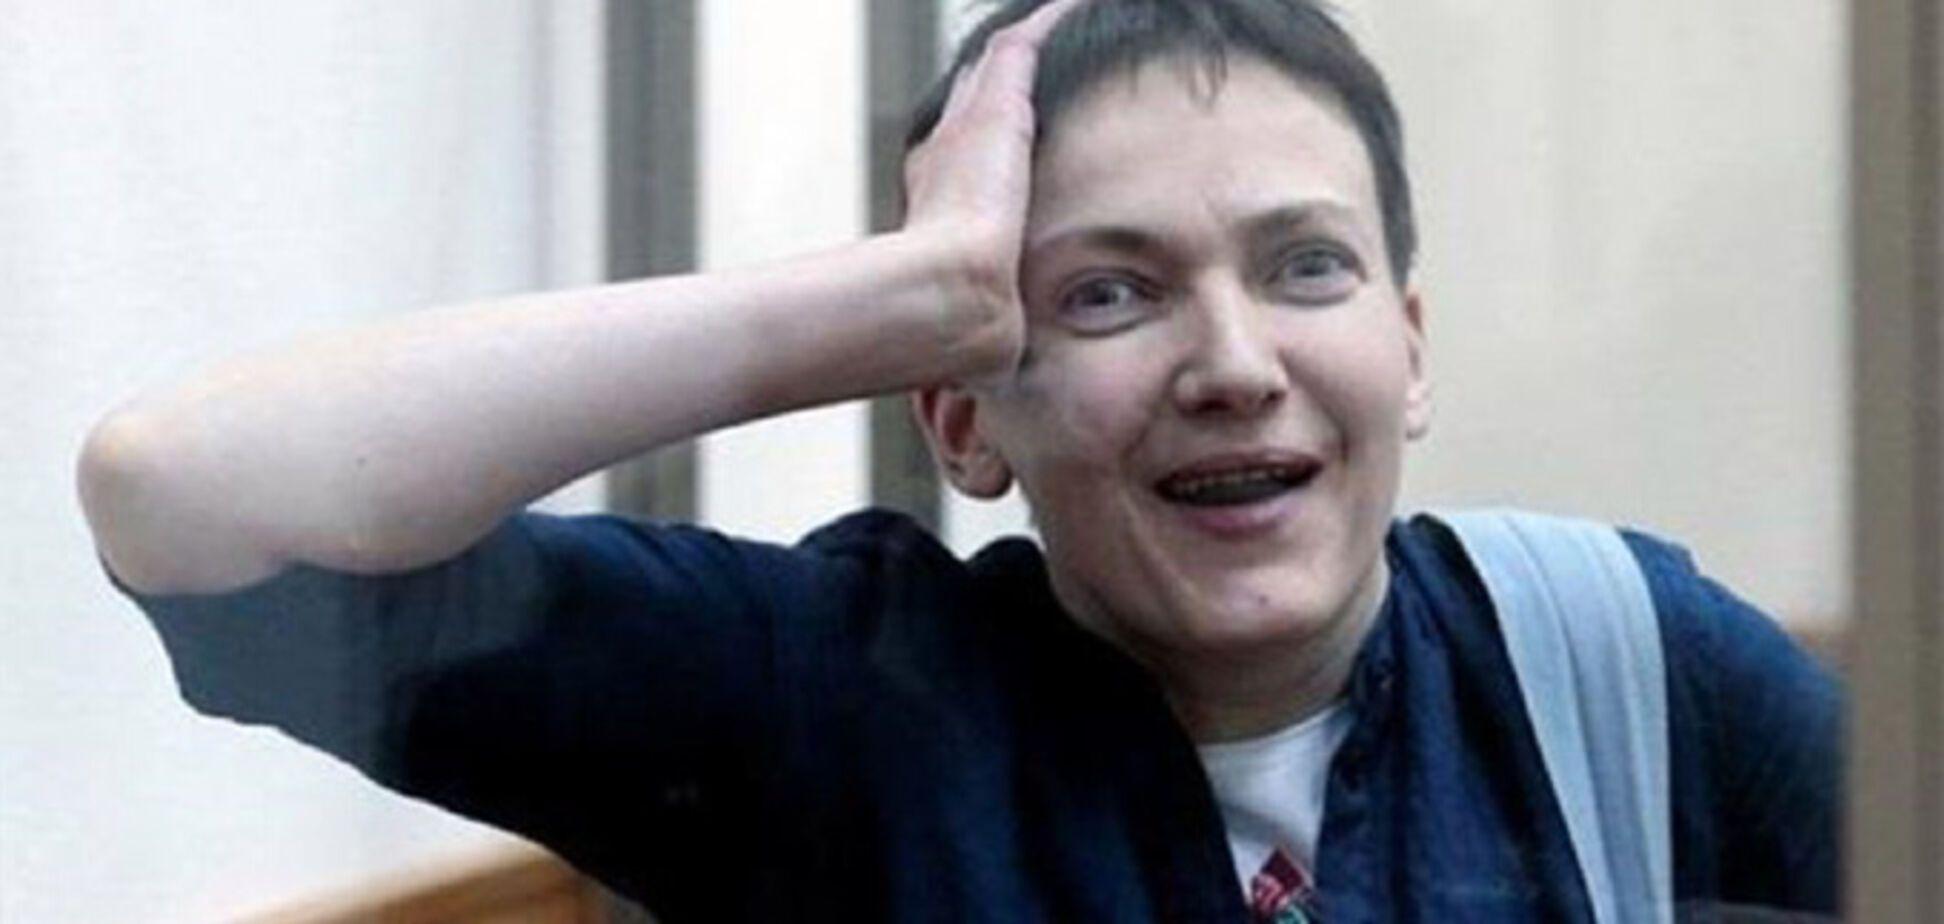 'Жанна Д'Арк переобулась в полете': известный волонтер объяснил феномен Савченко